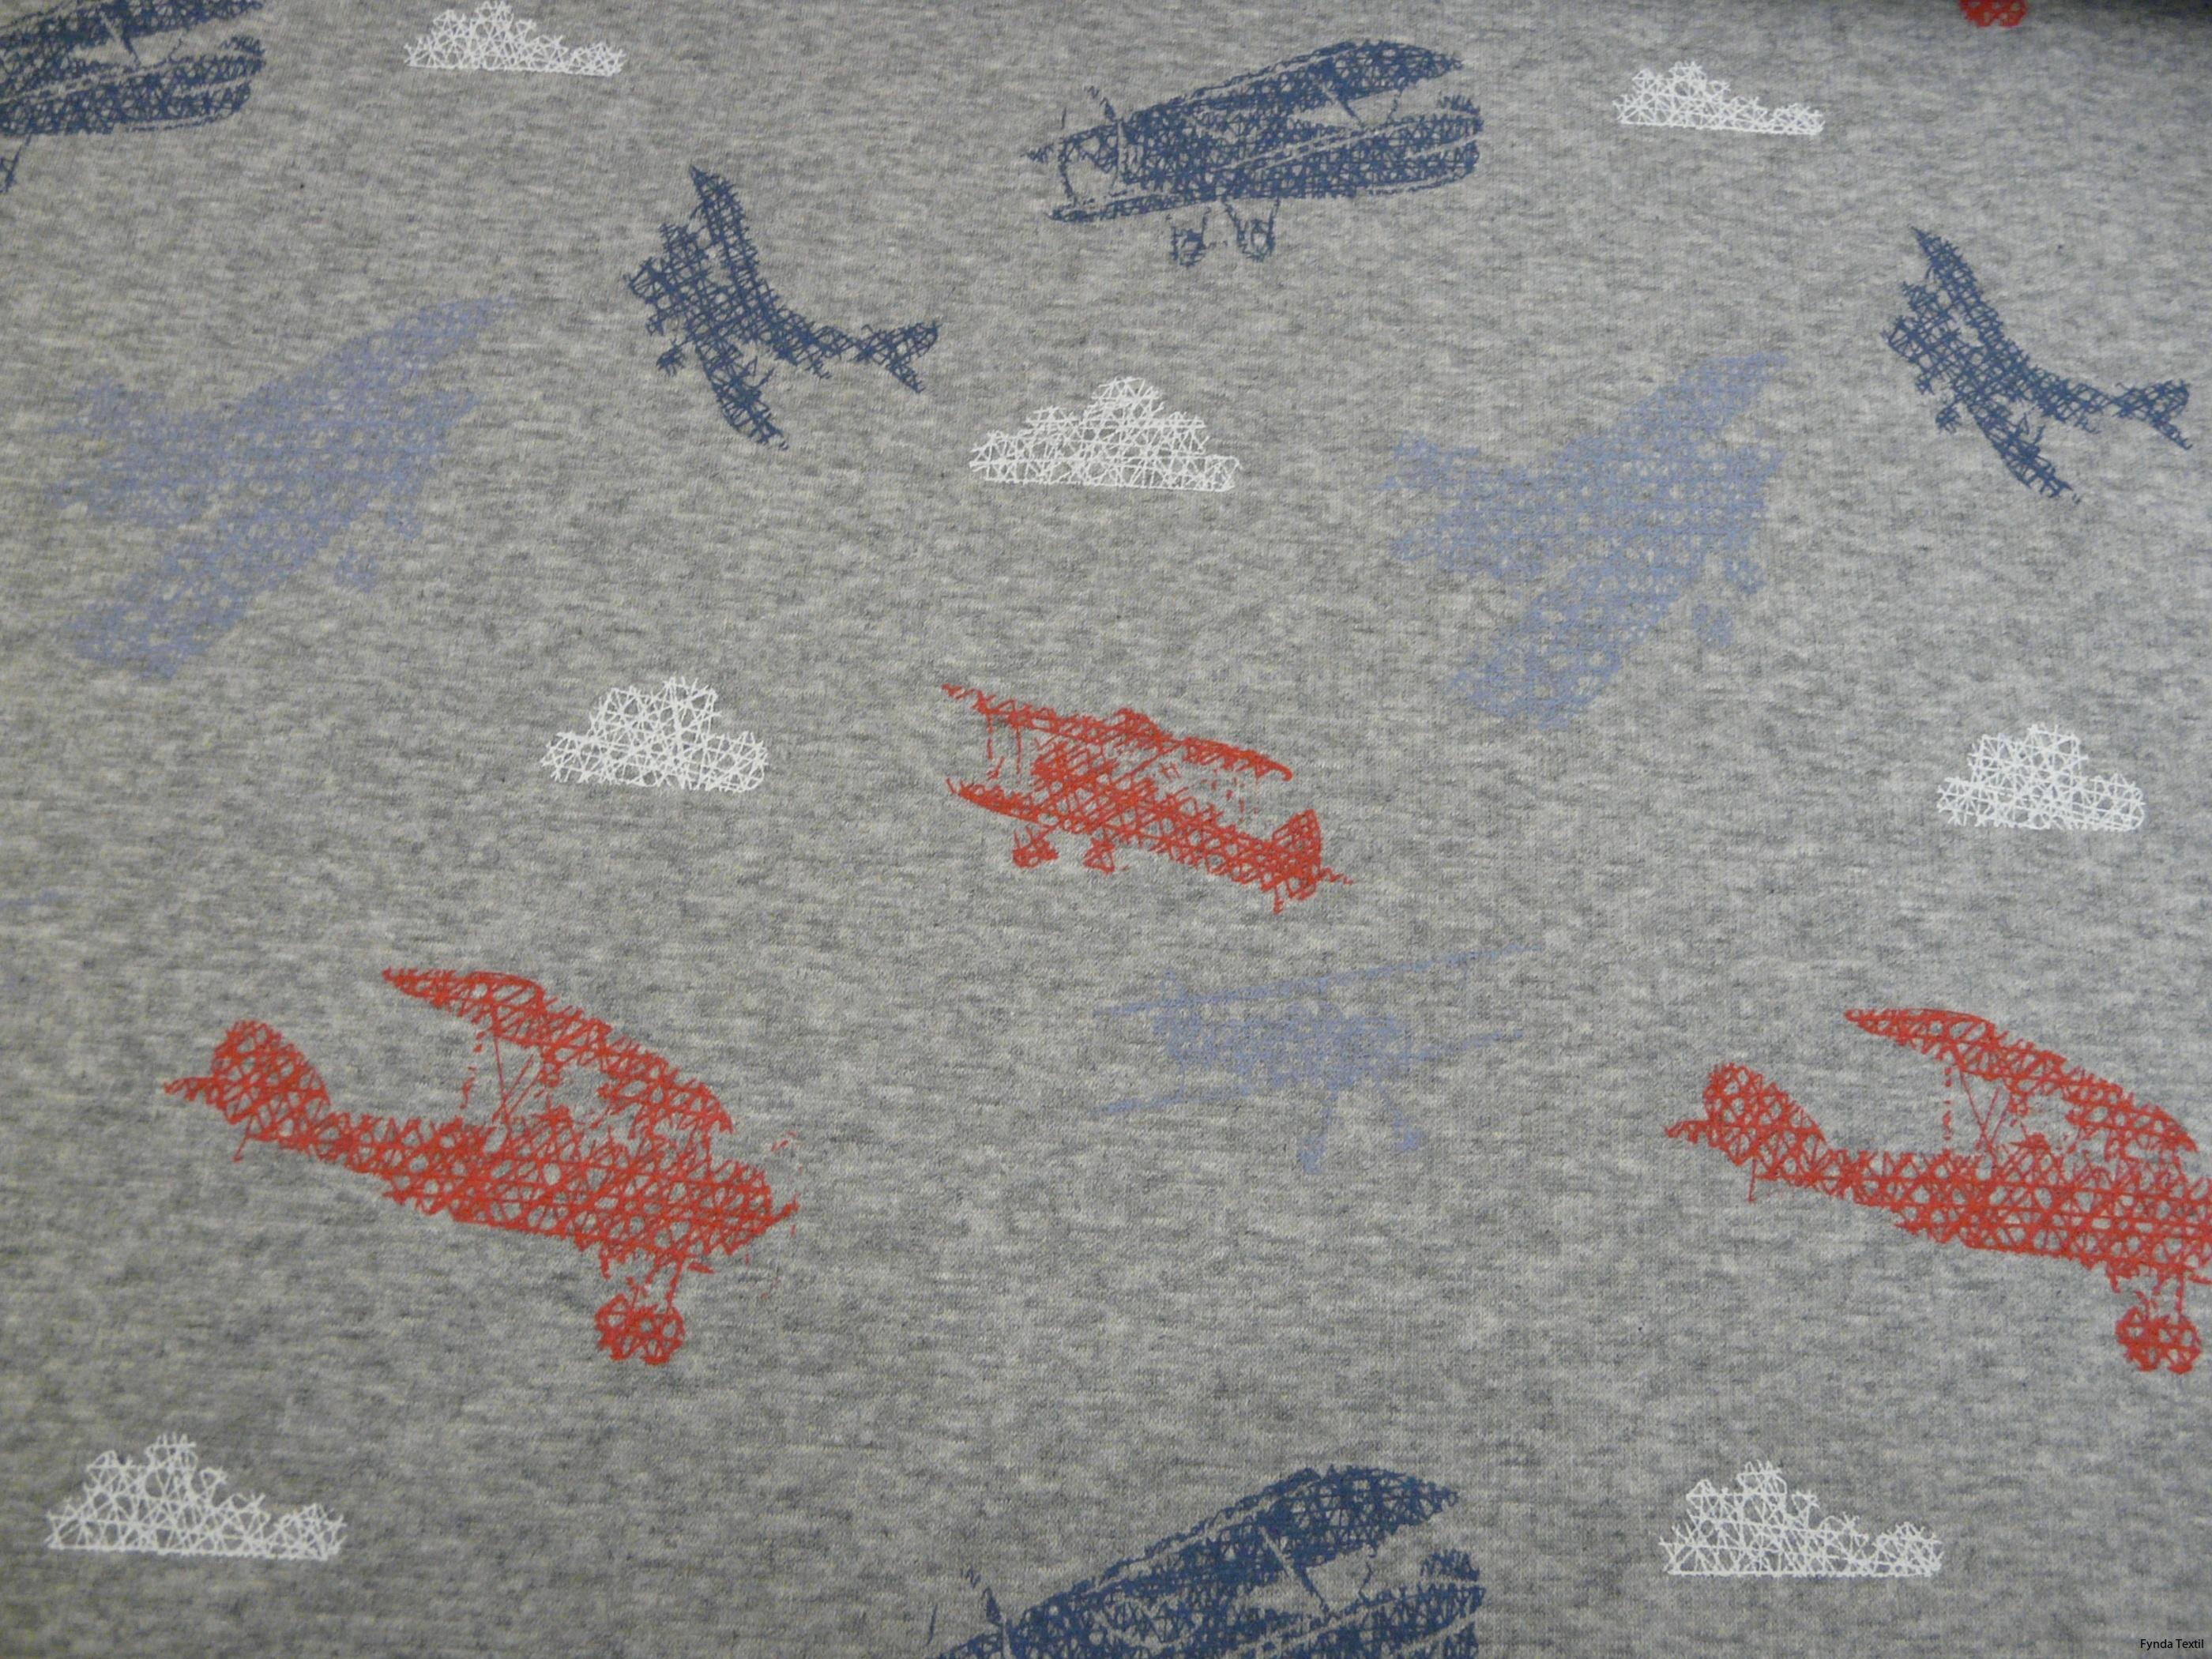 Flygplan röd/blå